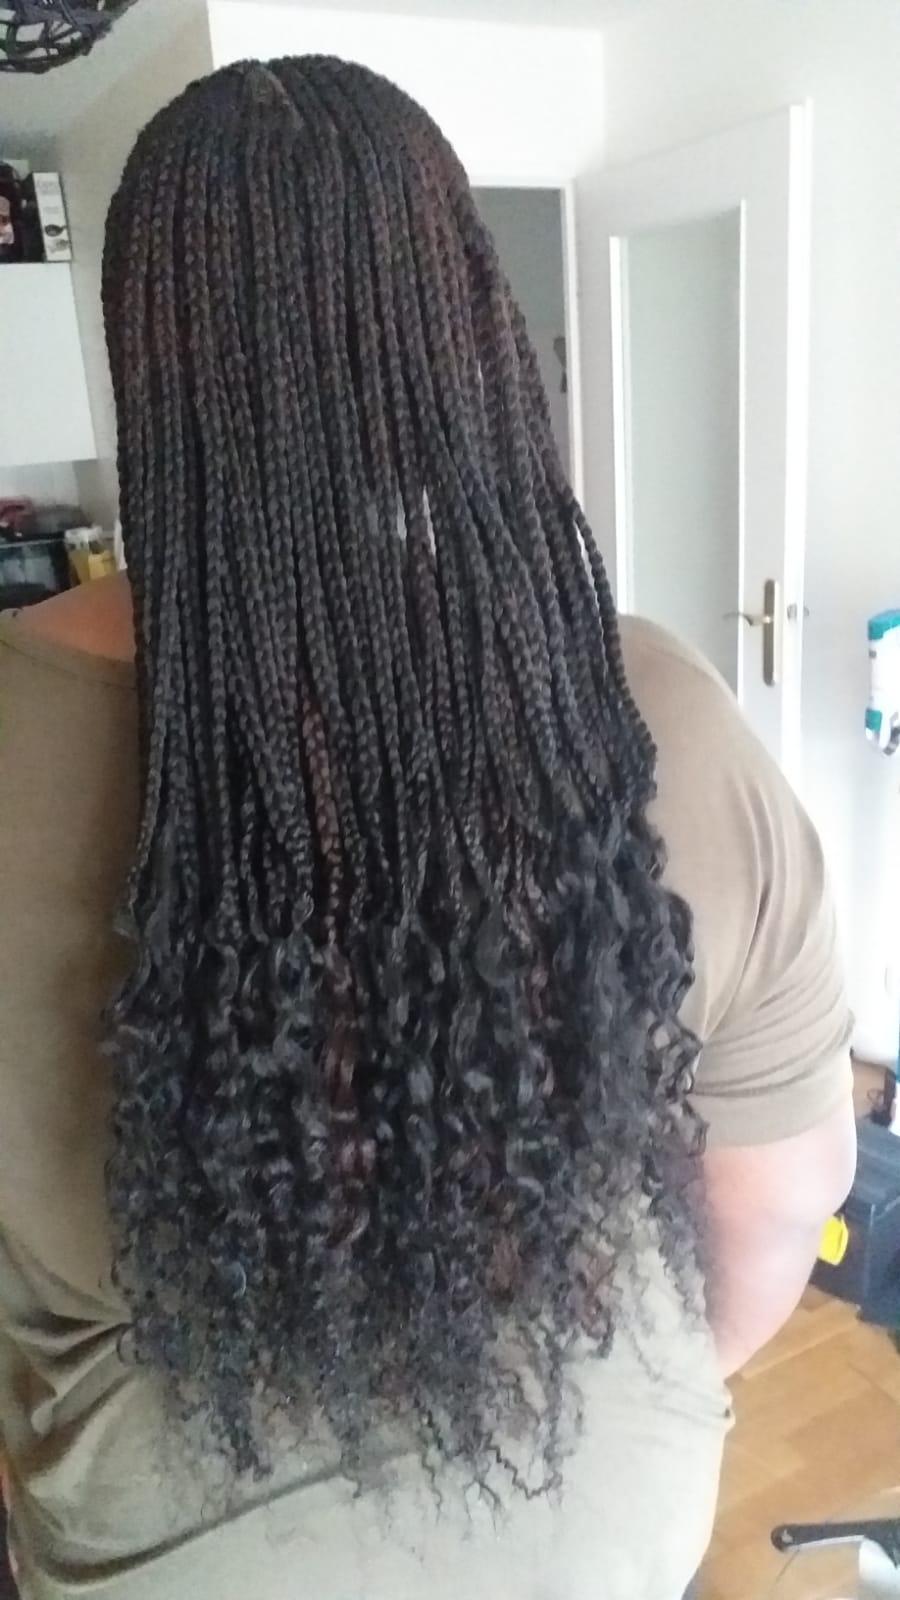 salon de coiffure afro tresse tresses box braids crochet braids vanilles tissages paris 75 77 78 91 92 93 94 95 IHBWPOZS